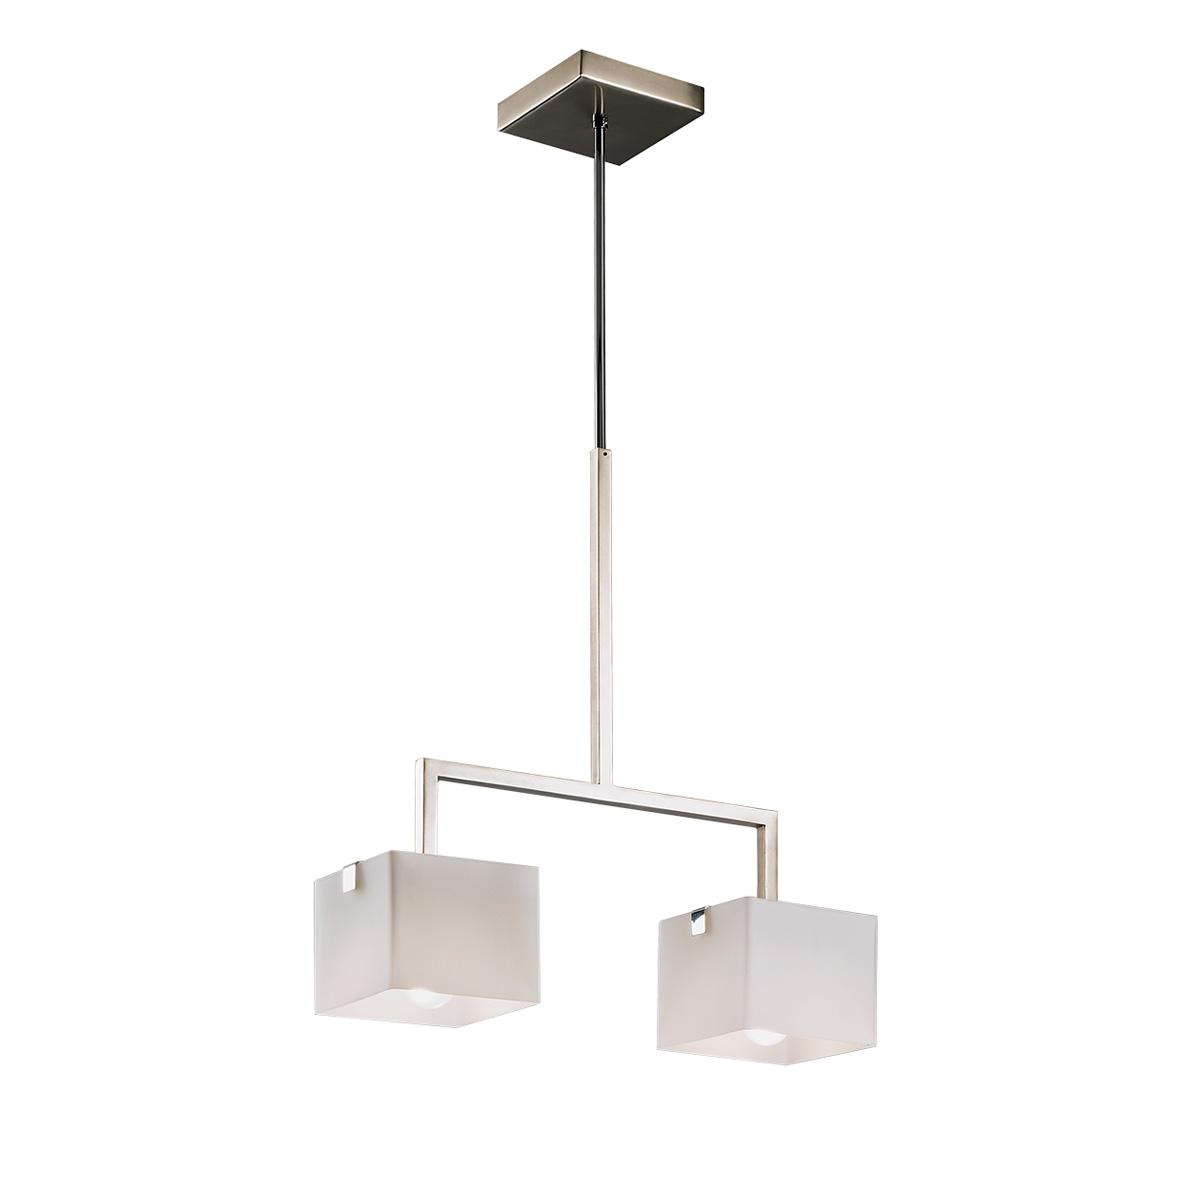 Μοντέρνο κρεμαστό φωτιστικό ΚΥΒΟΙ modern suspension lamp